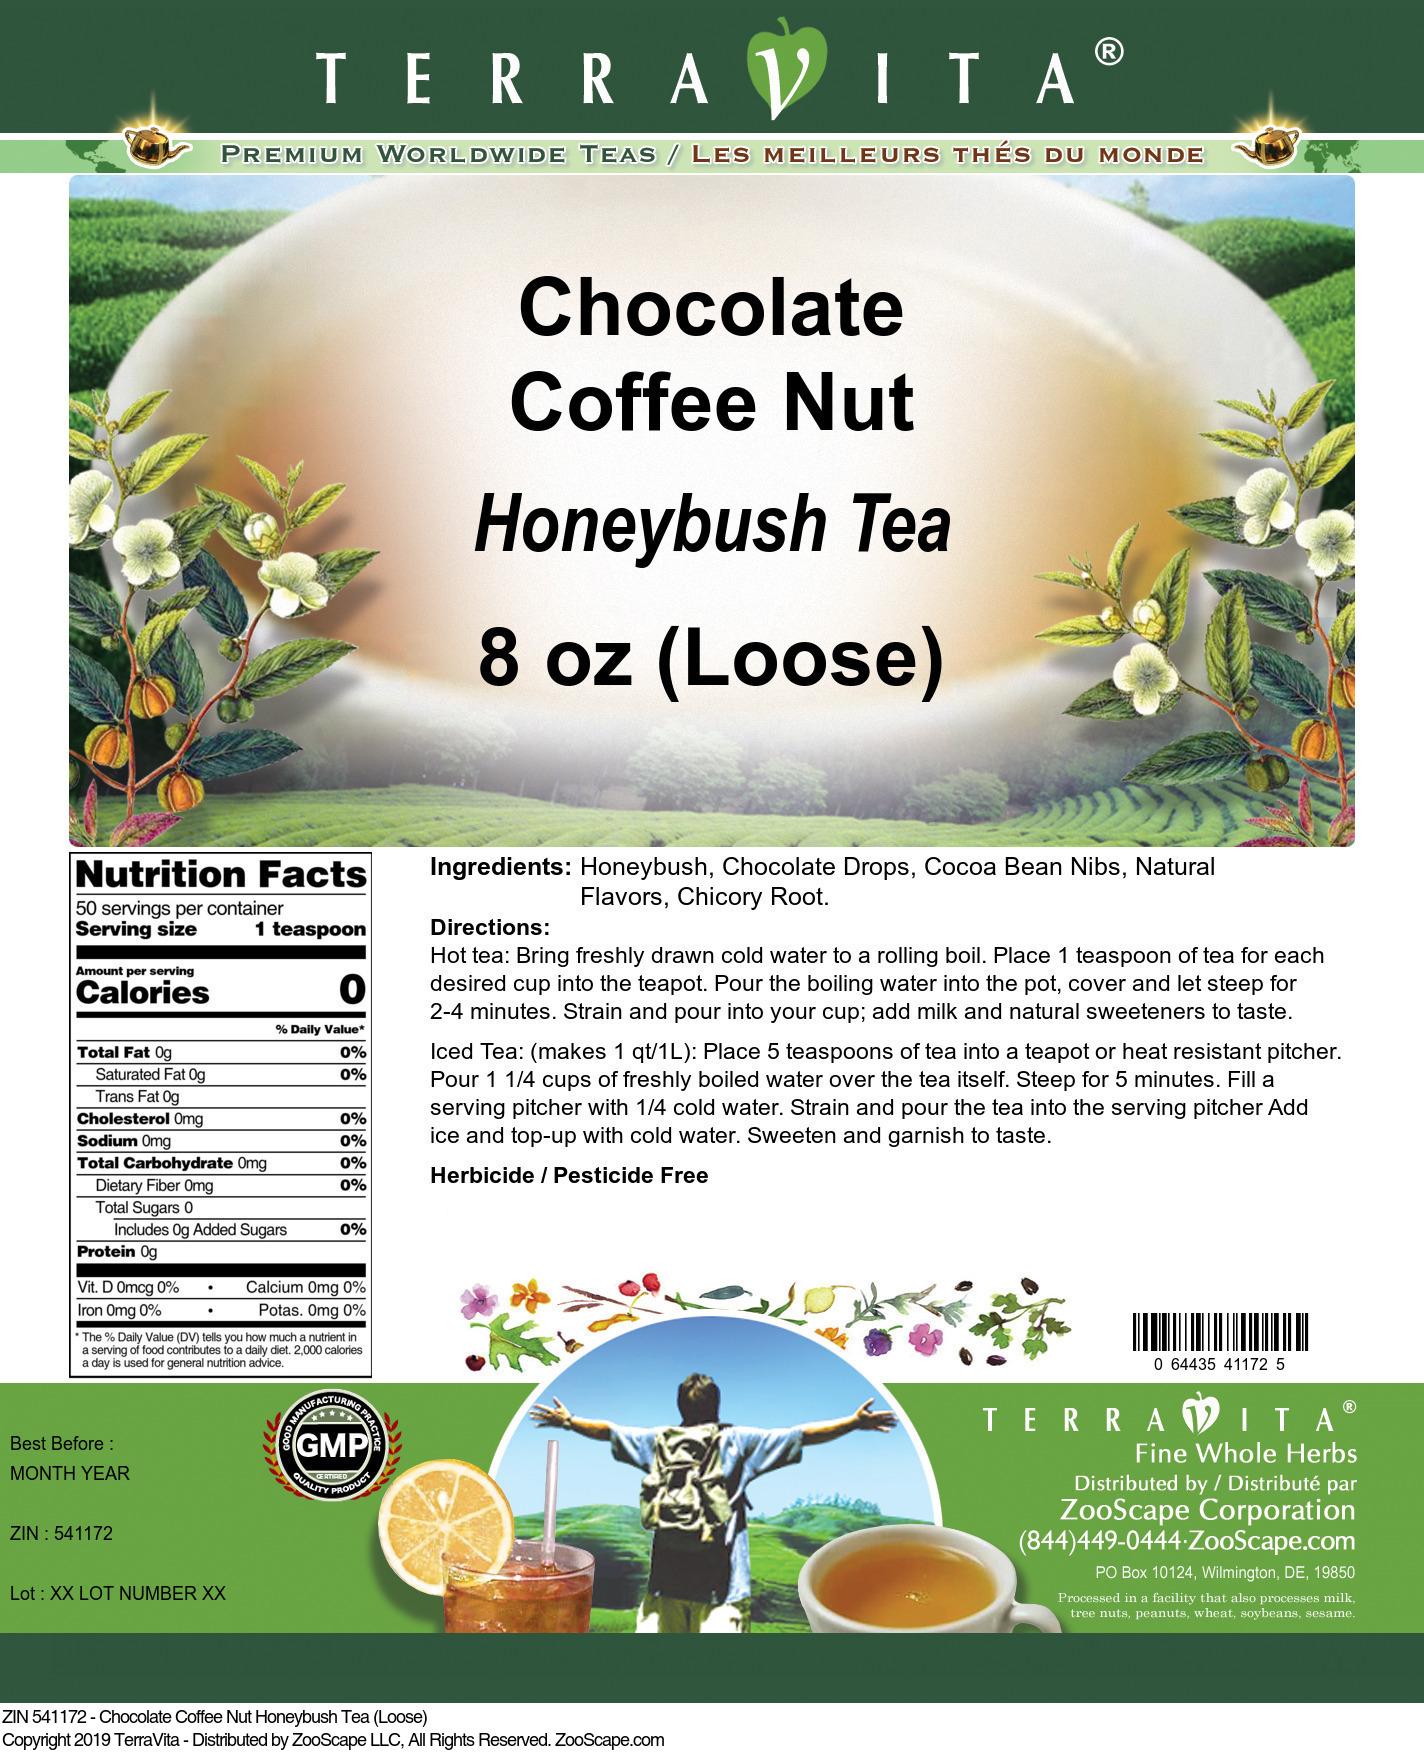 Chocolate Coffee Nut Honeybush Tea (Loose)